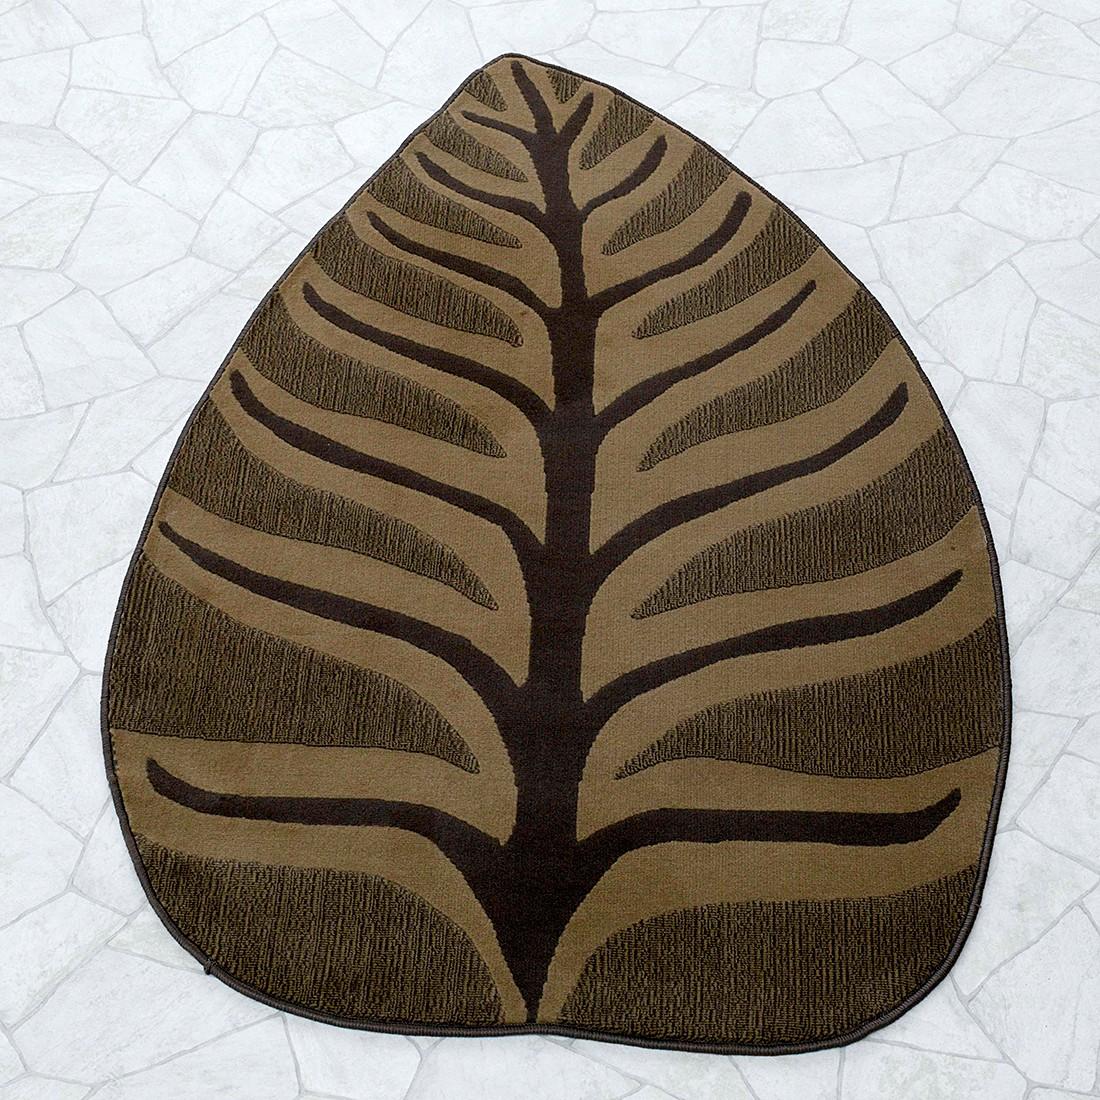 Teppich Blatt Braun 100 X 160 Cm Wohnzimmer Teppiche Ebay